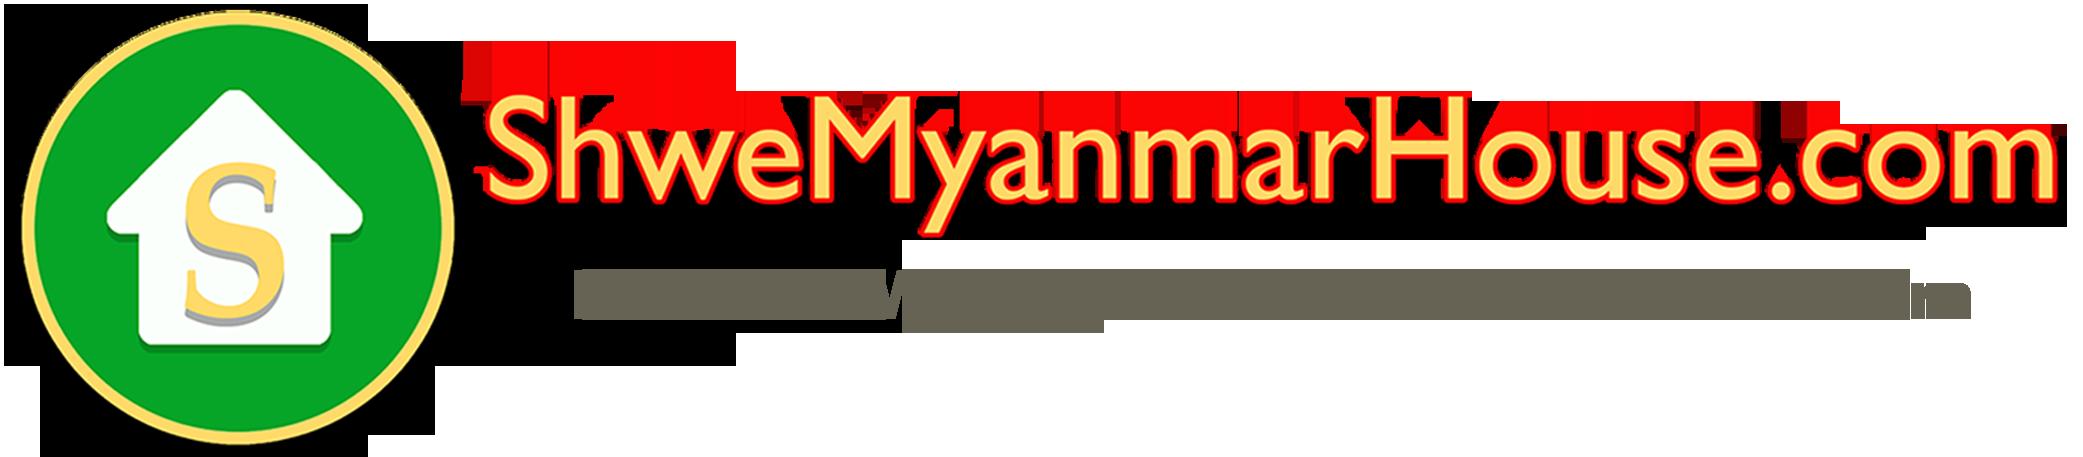 ShweMyanmarHouse